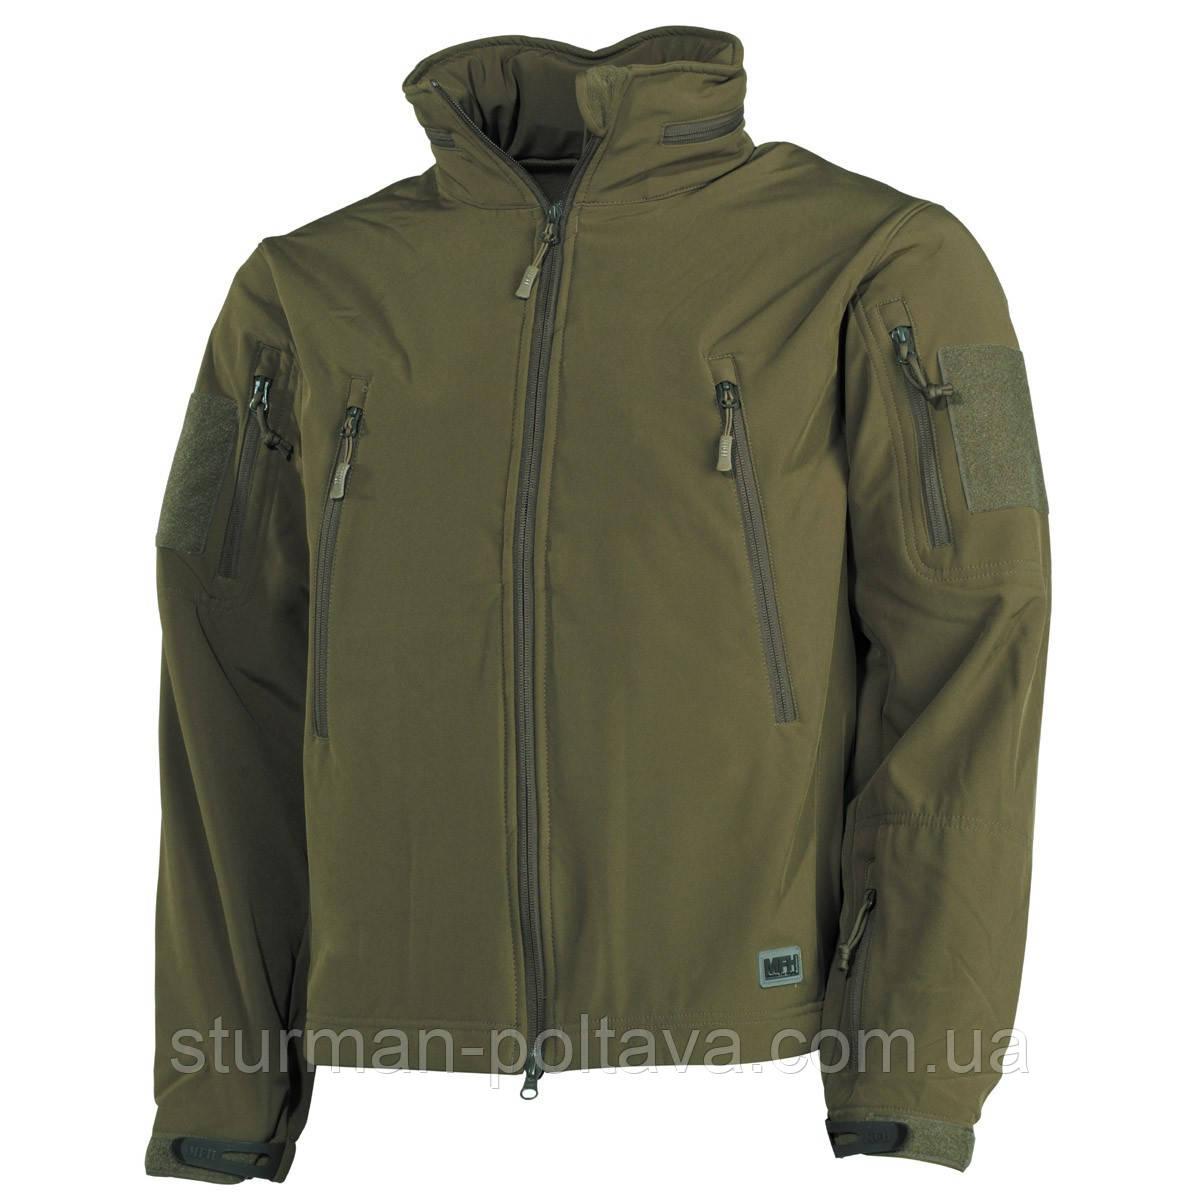 """Куртка тактическая """"Scorpion"""" (SOFT SHELL ) цвет олива  - Магазин  Штурман  в Полтаве"""